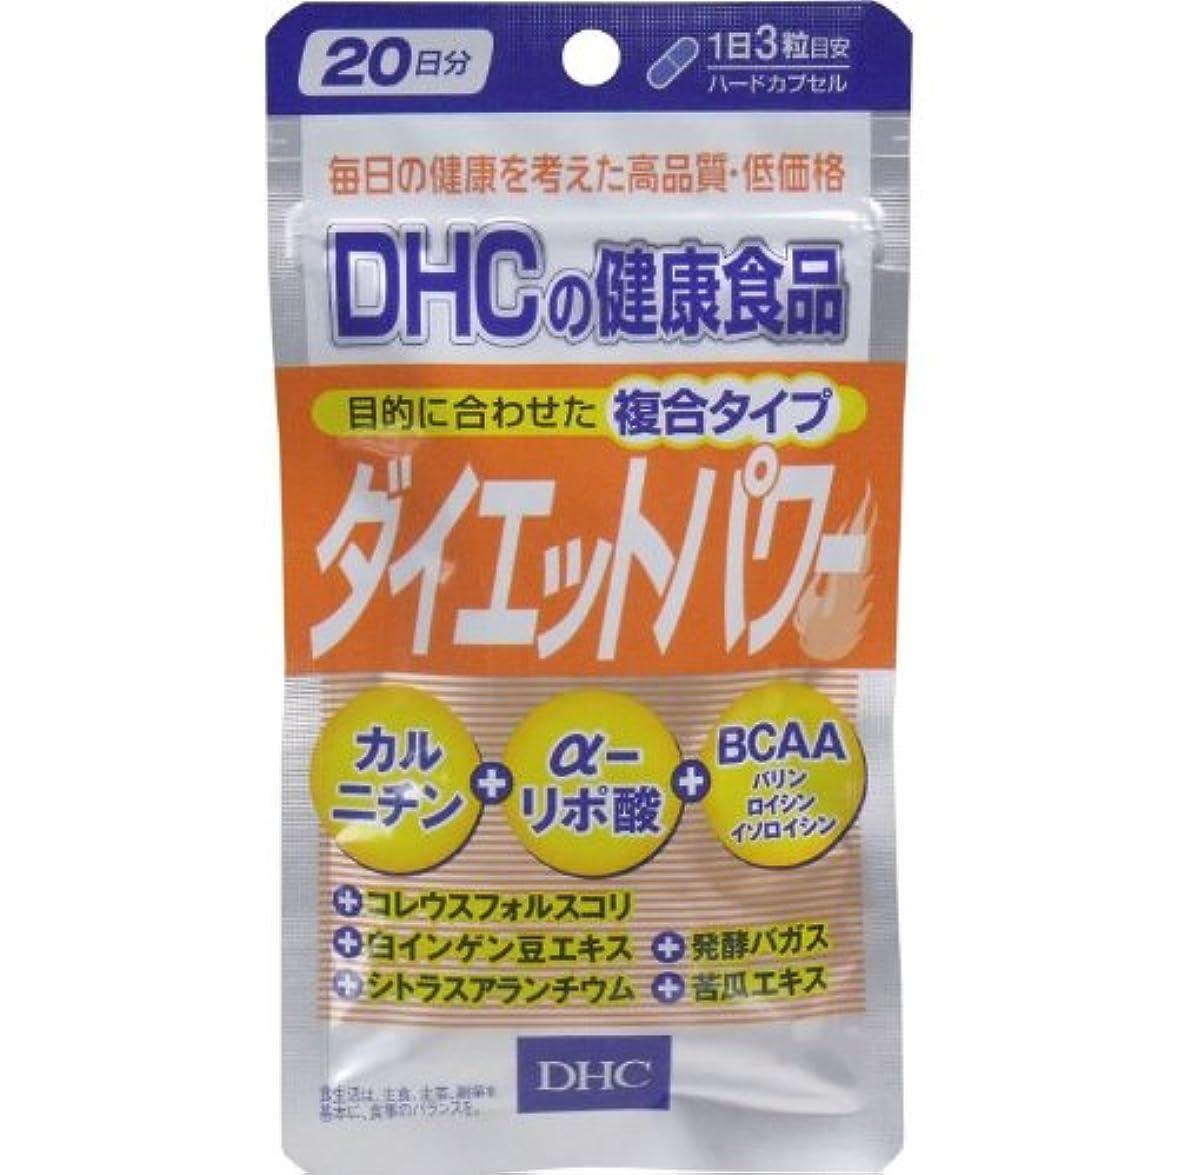 知事仕事接続詞DHC ダイエットパワー 60粒入 20日分【4個セット】